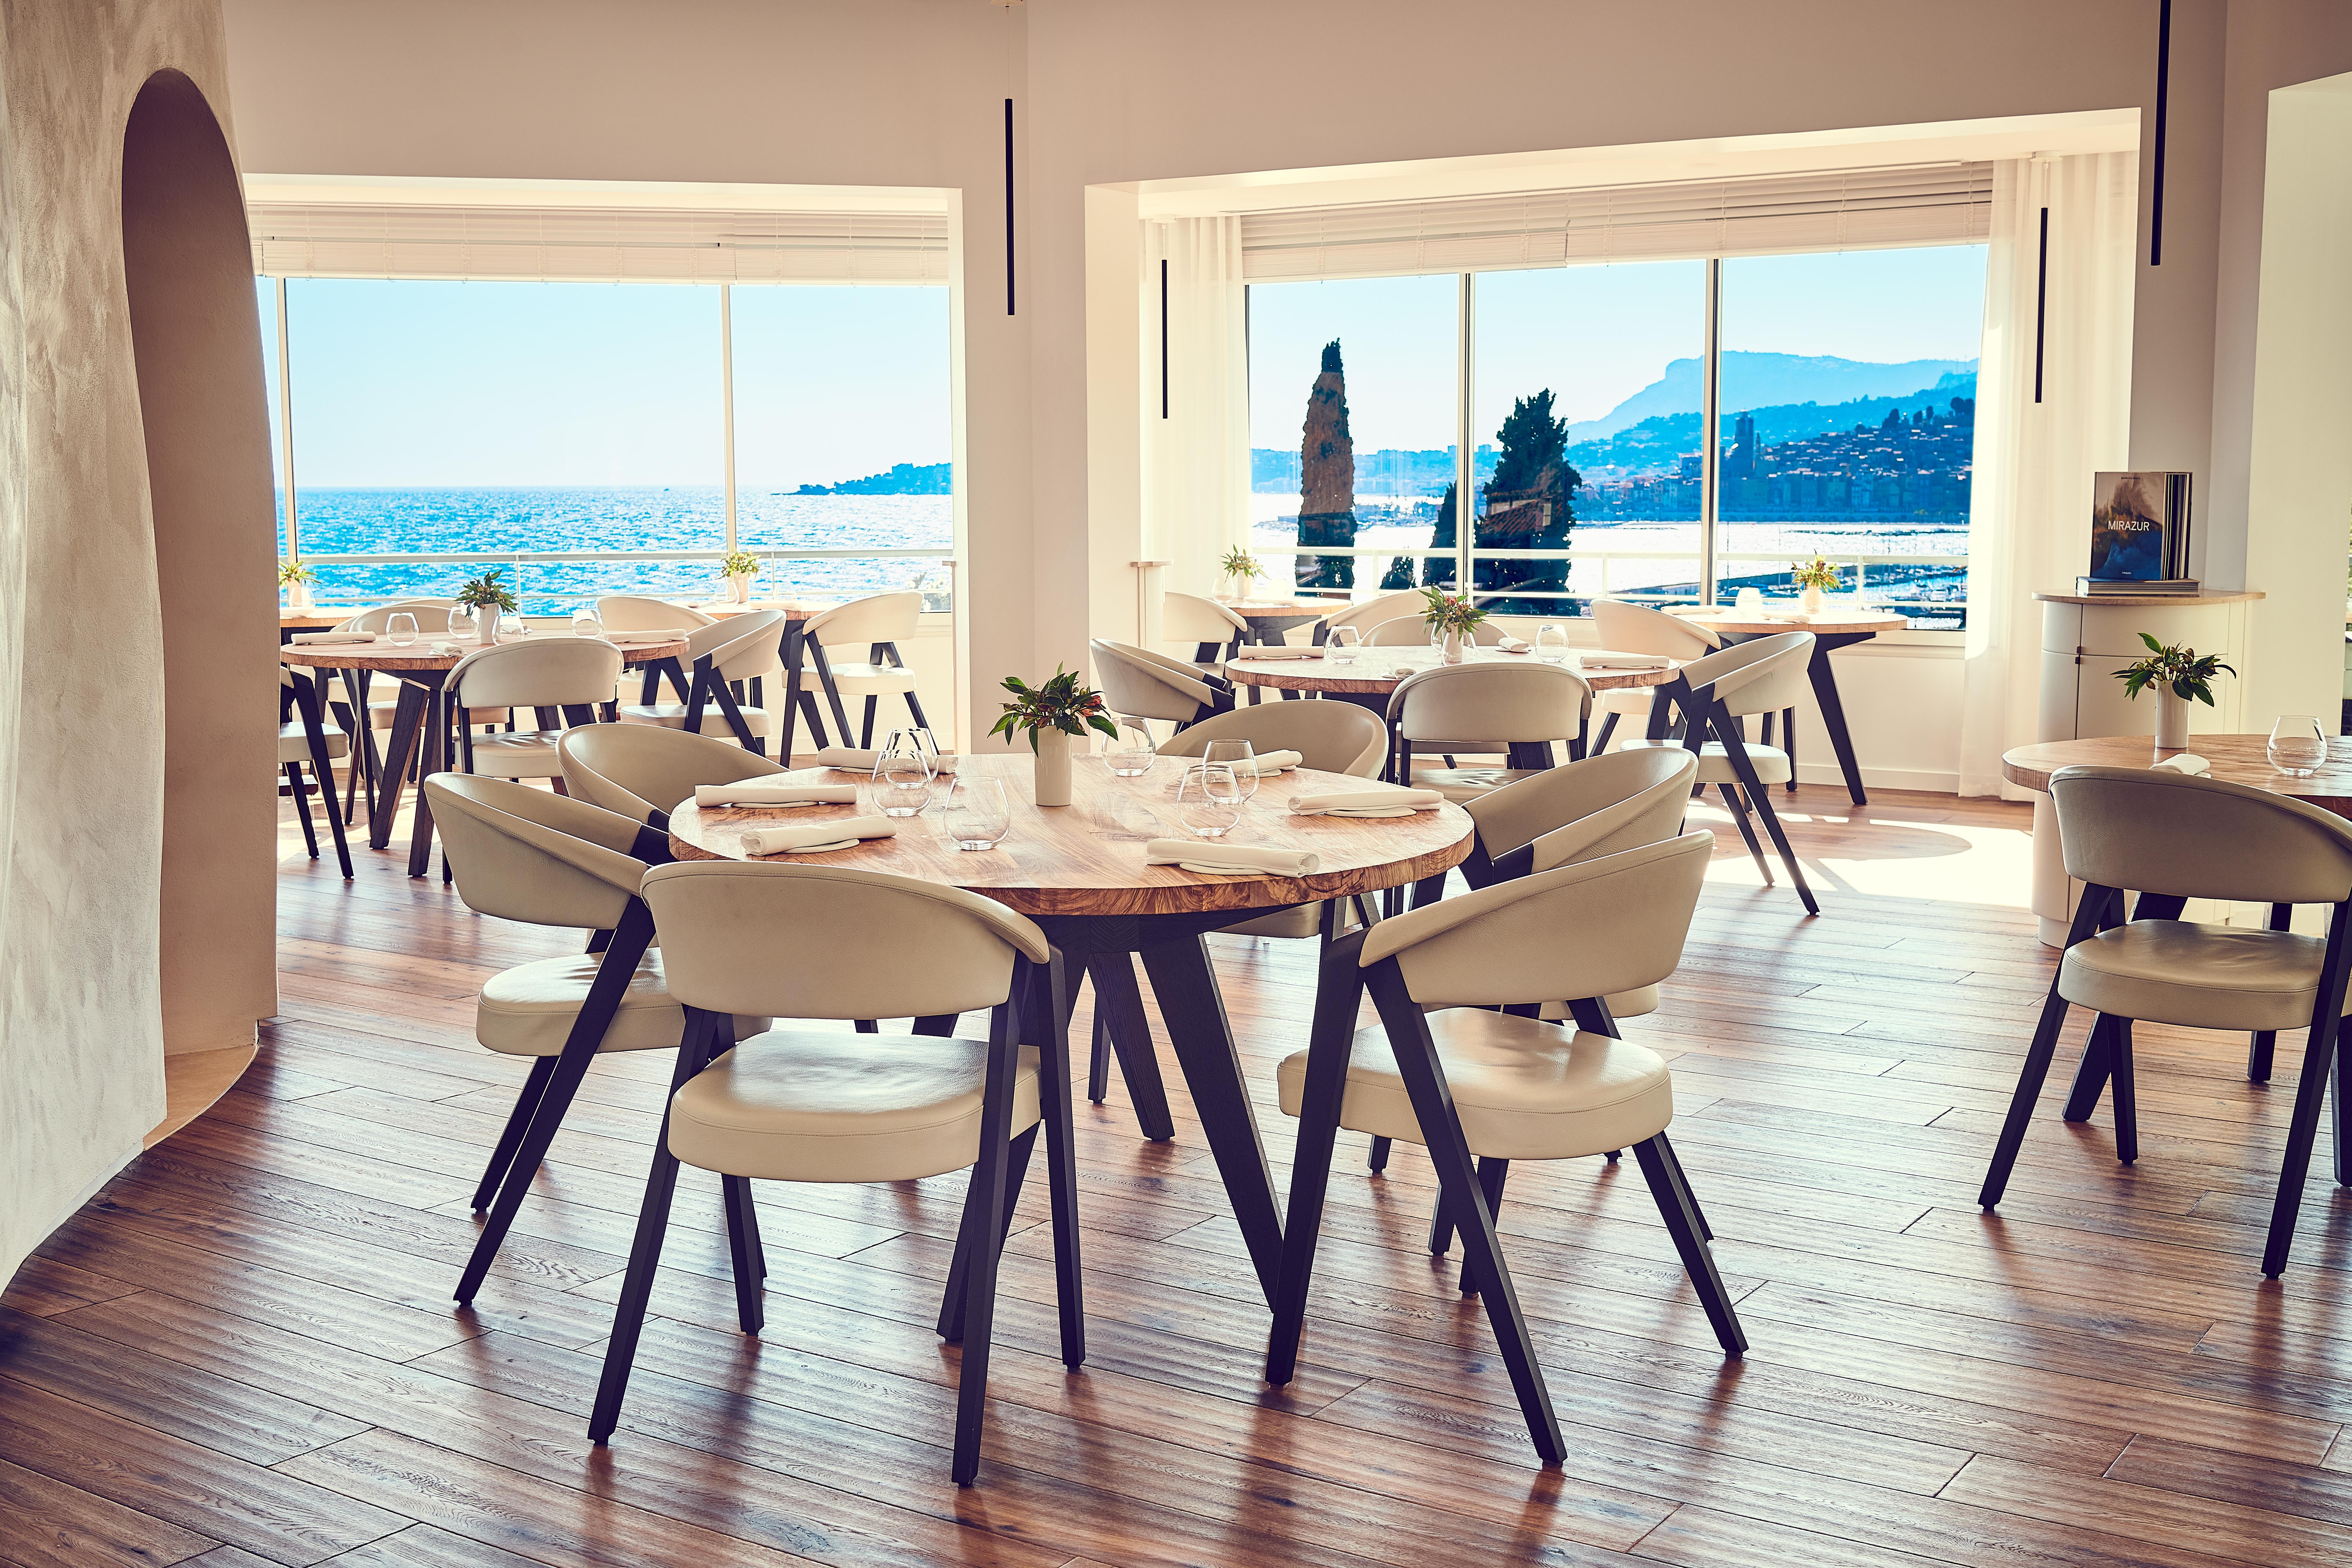 mirazur-scene-table-chairs-sala-ristorante